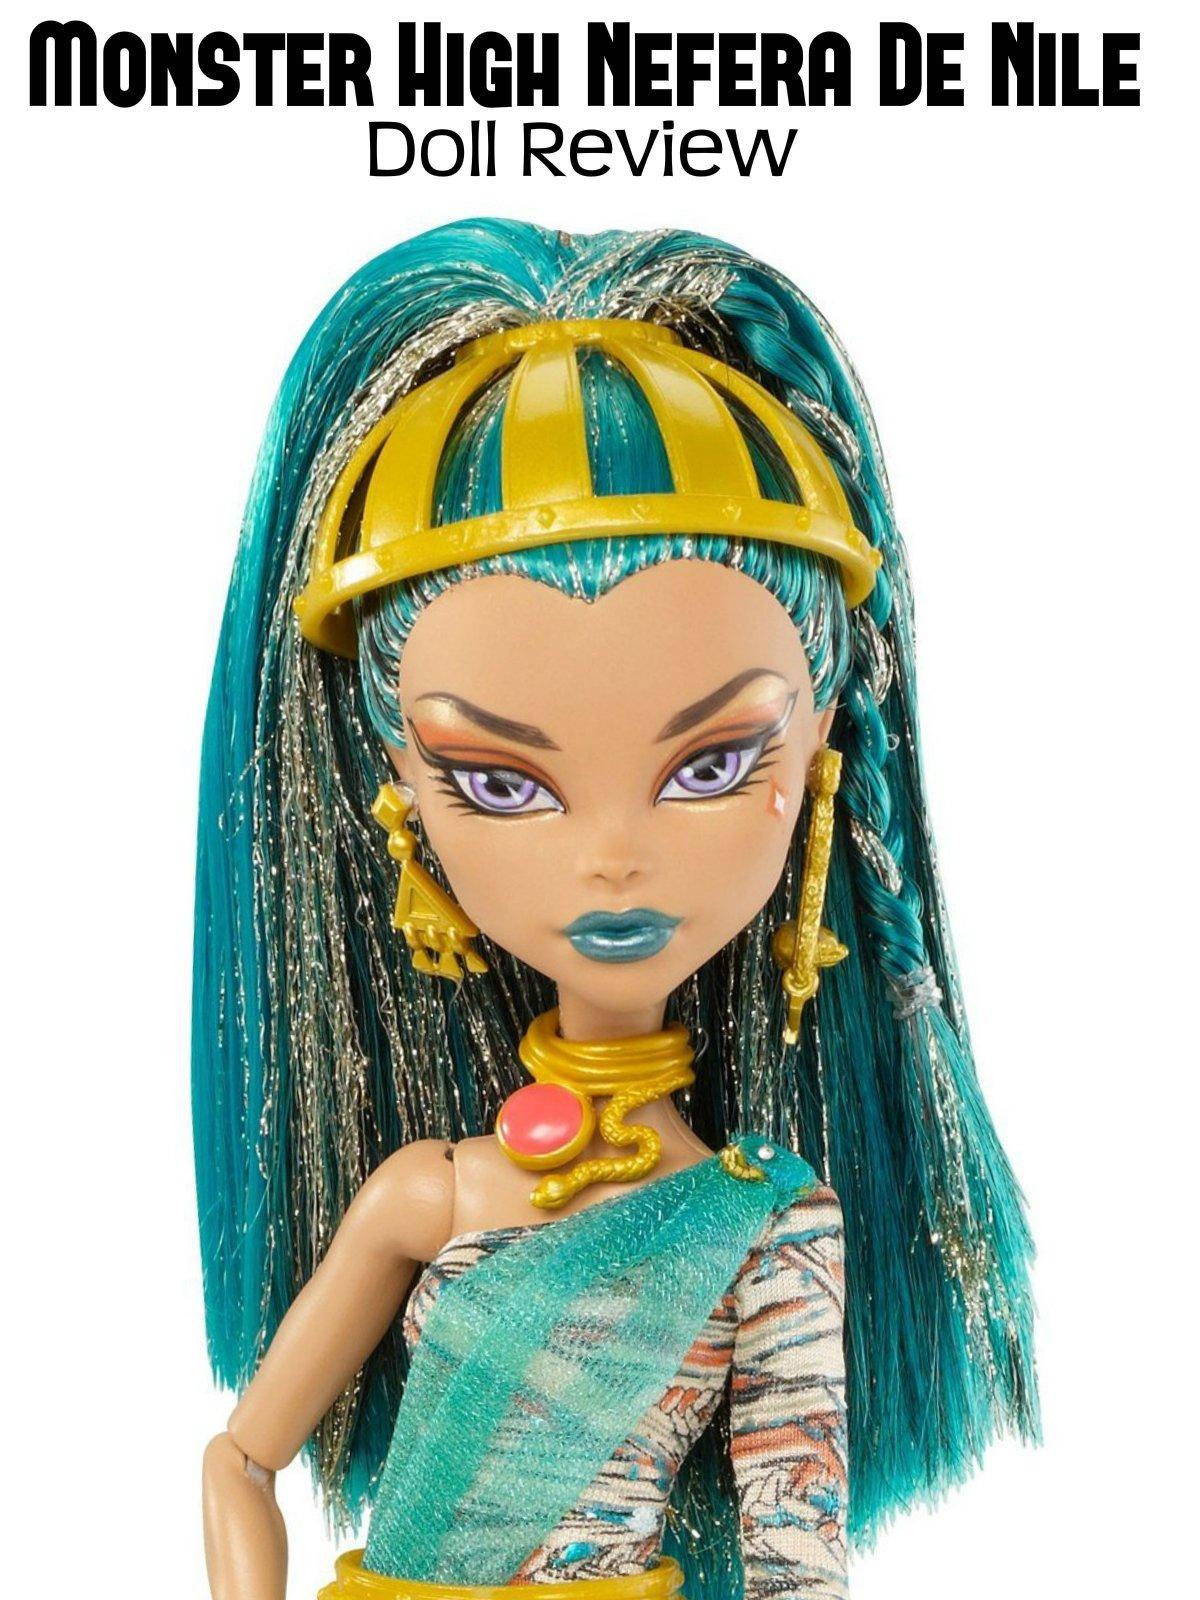 Review: Monster High Nefera De Nile Doll Review